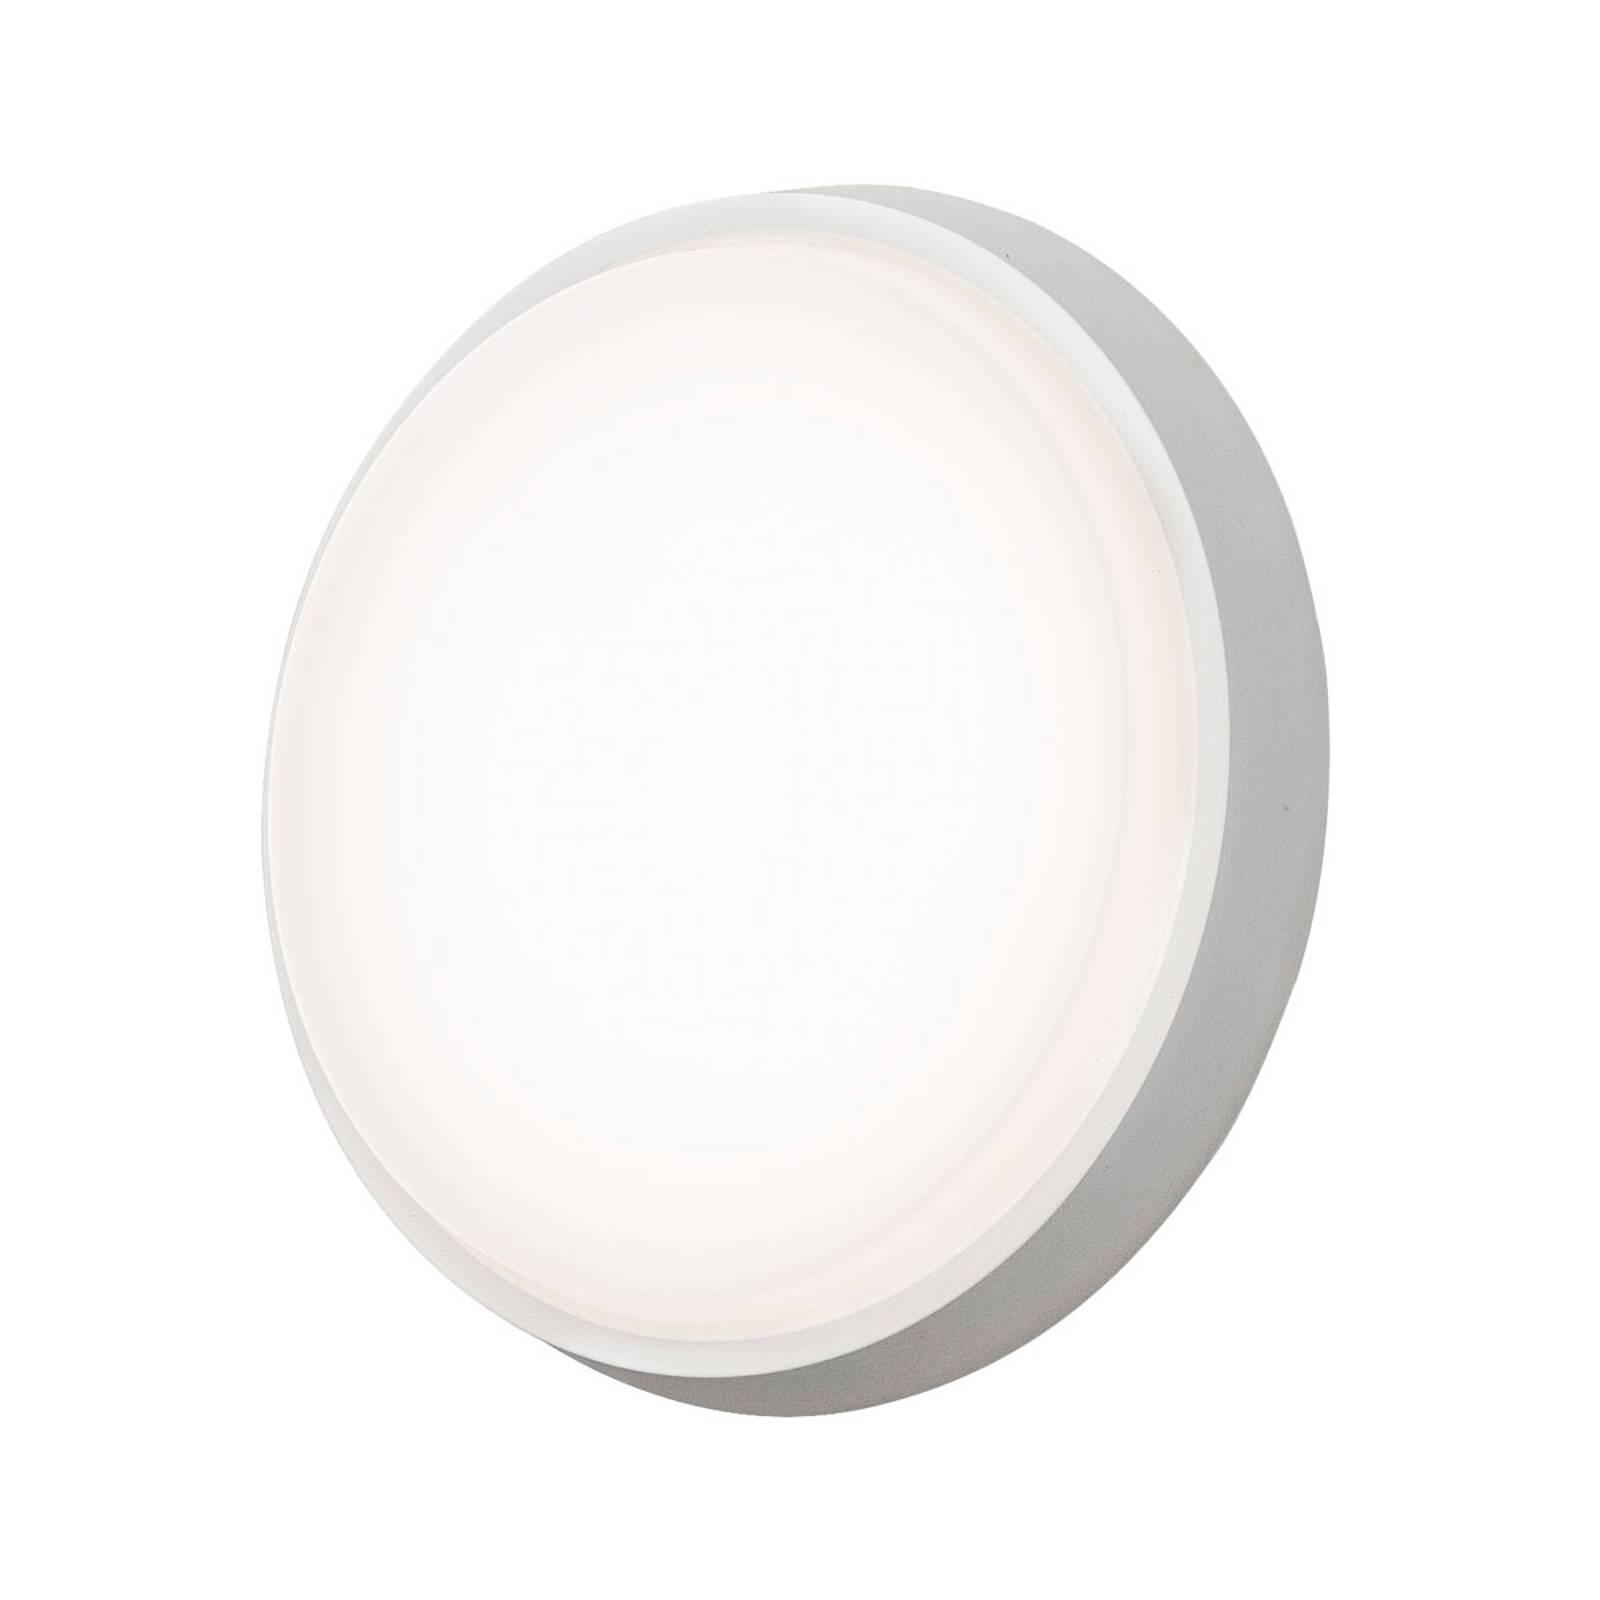 LED buitenwandlamp Cesena, rond